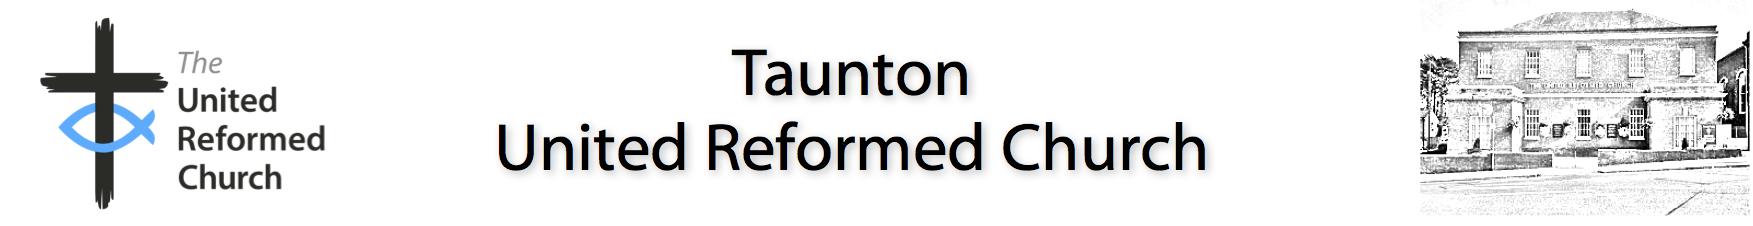 Taunton UFC